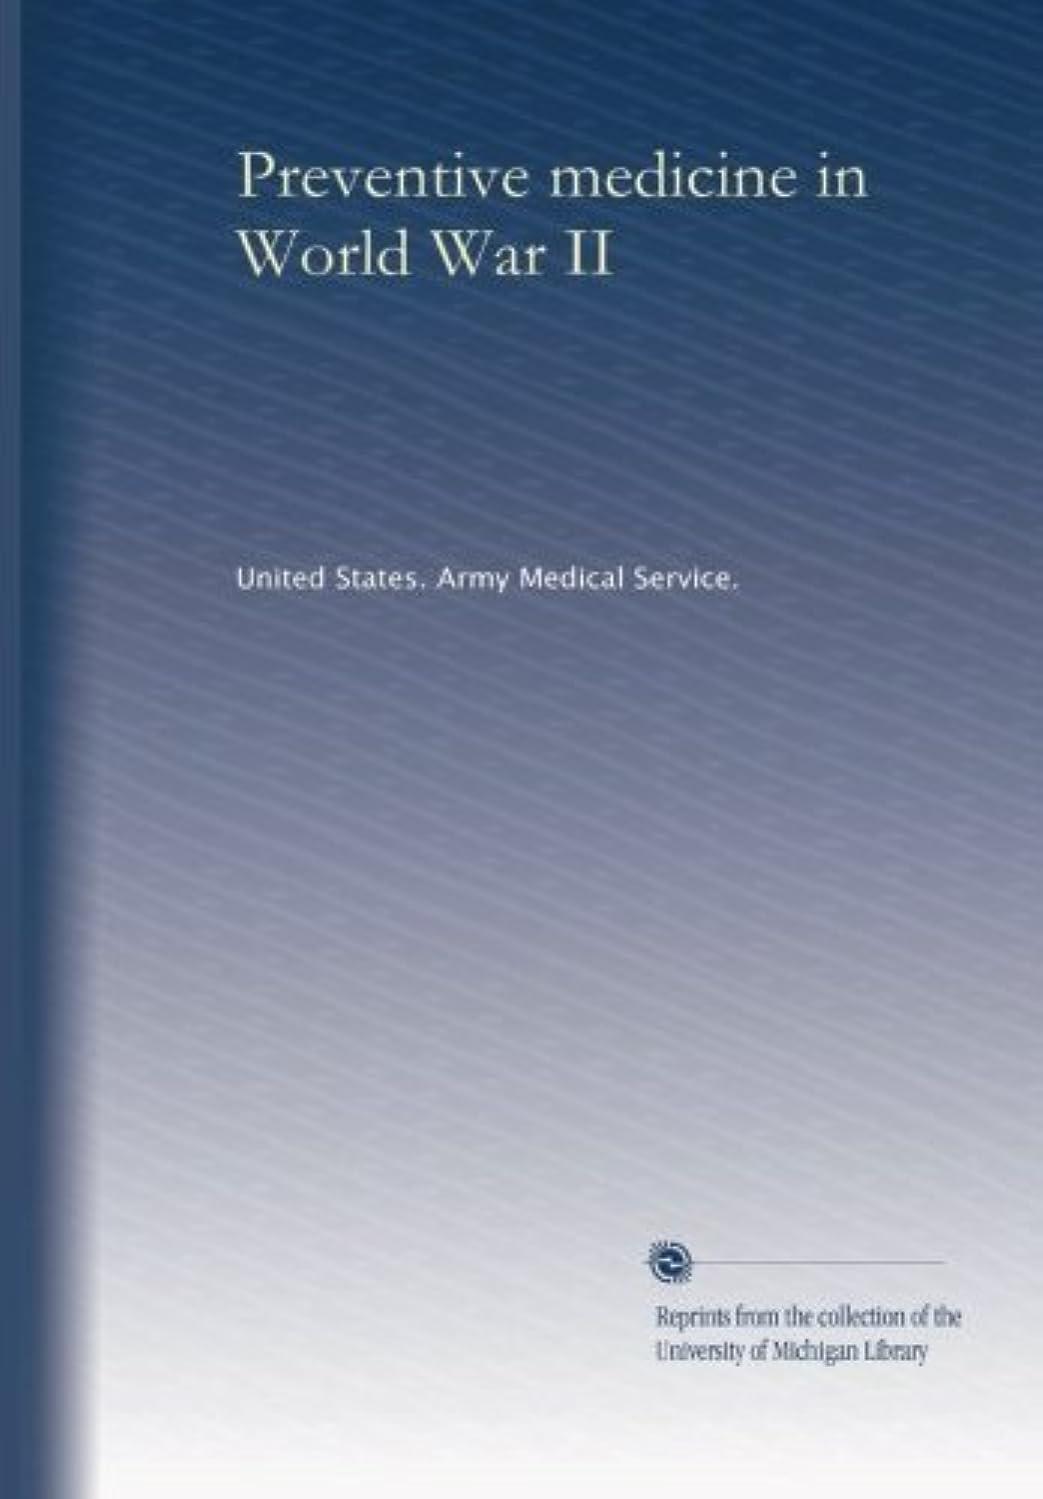 発見十分ではない作物Preventive medicine in World War II (Vol.5)